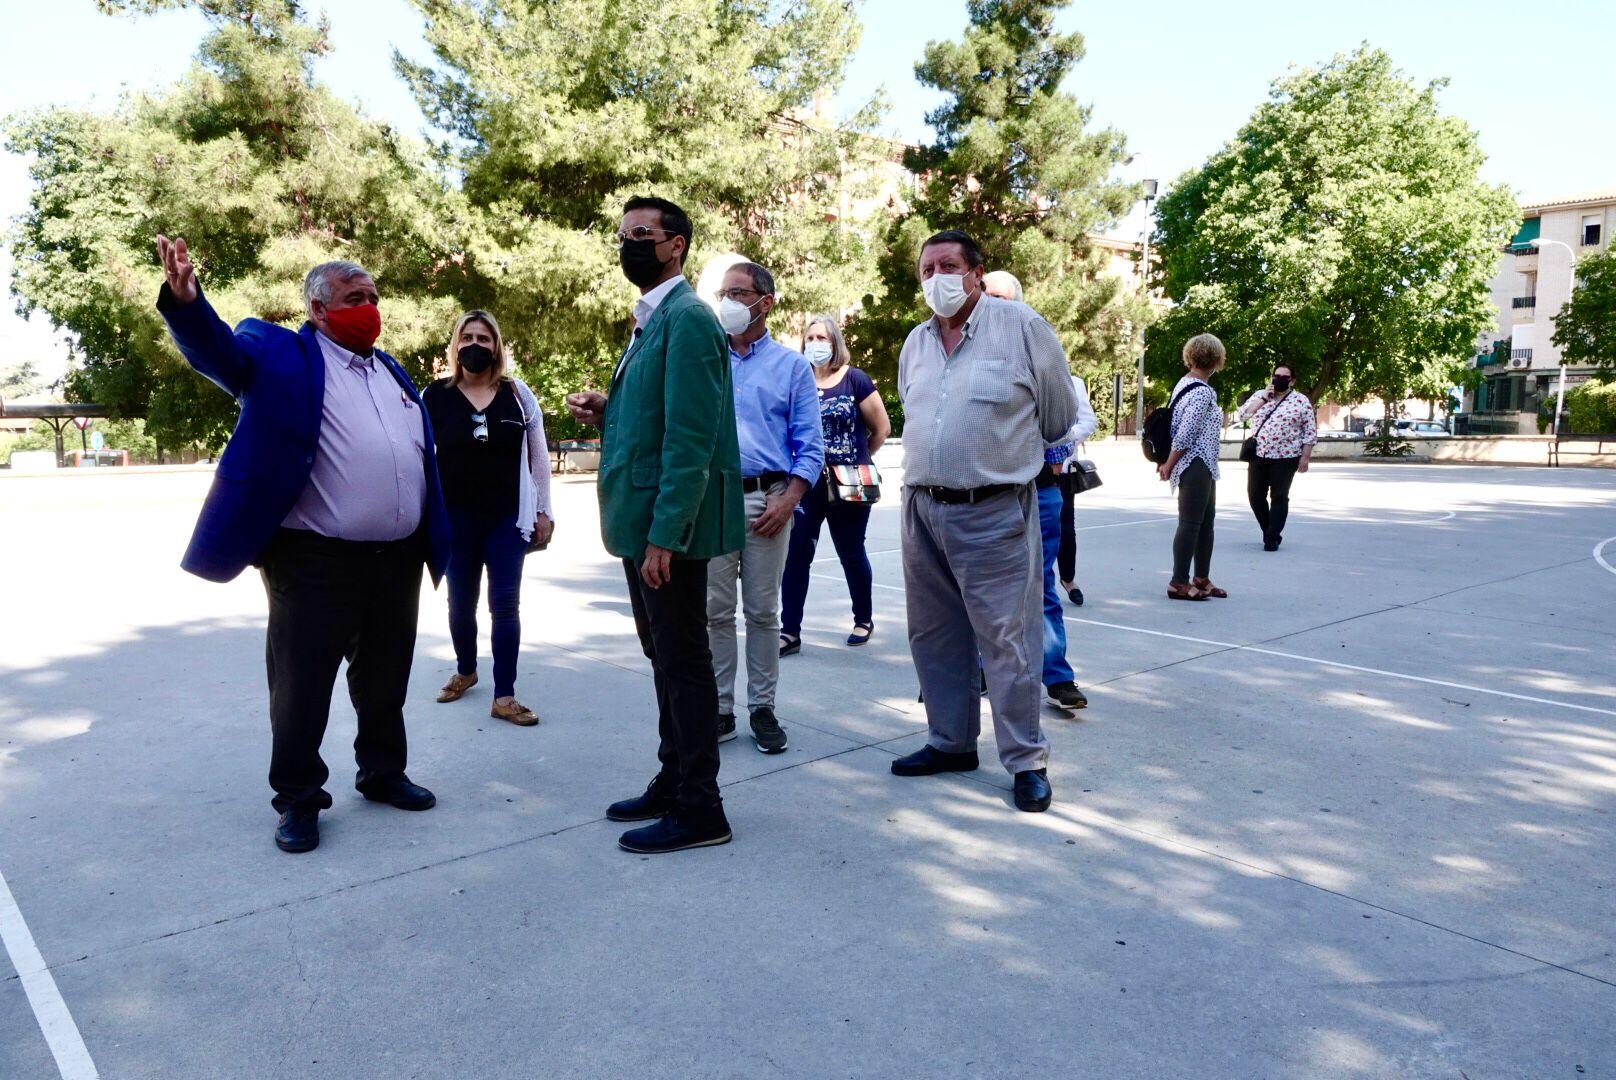 Cuenca exige el arreglo de la plaza Parque Nueva Granada y dotar de nuevos espacios públicos